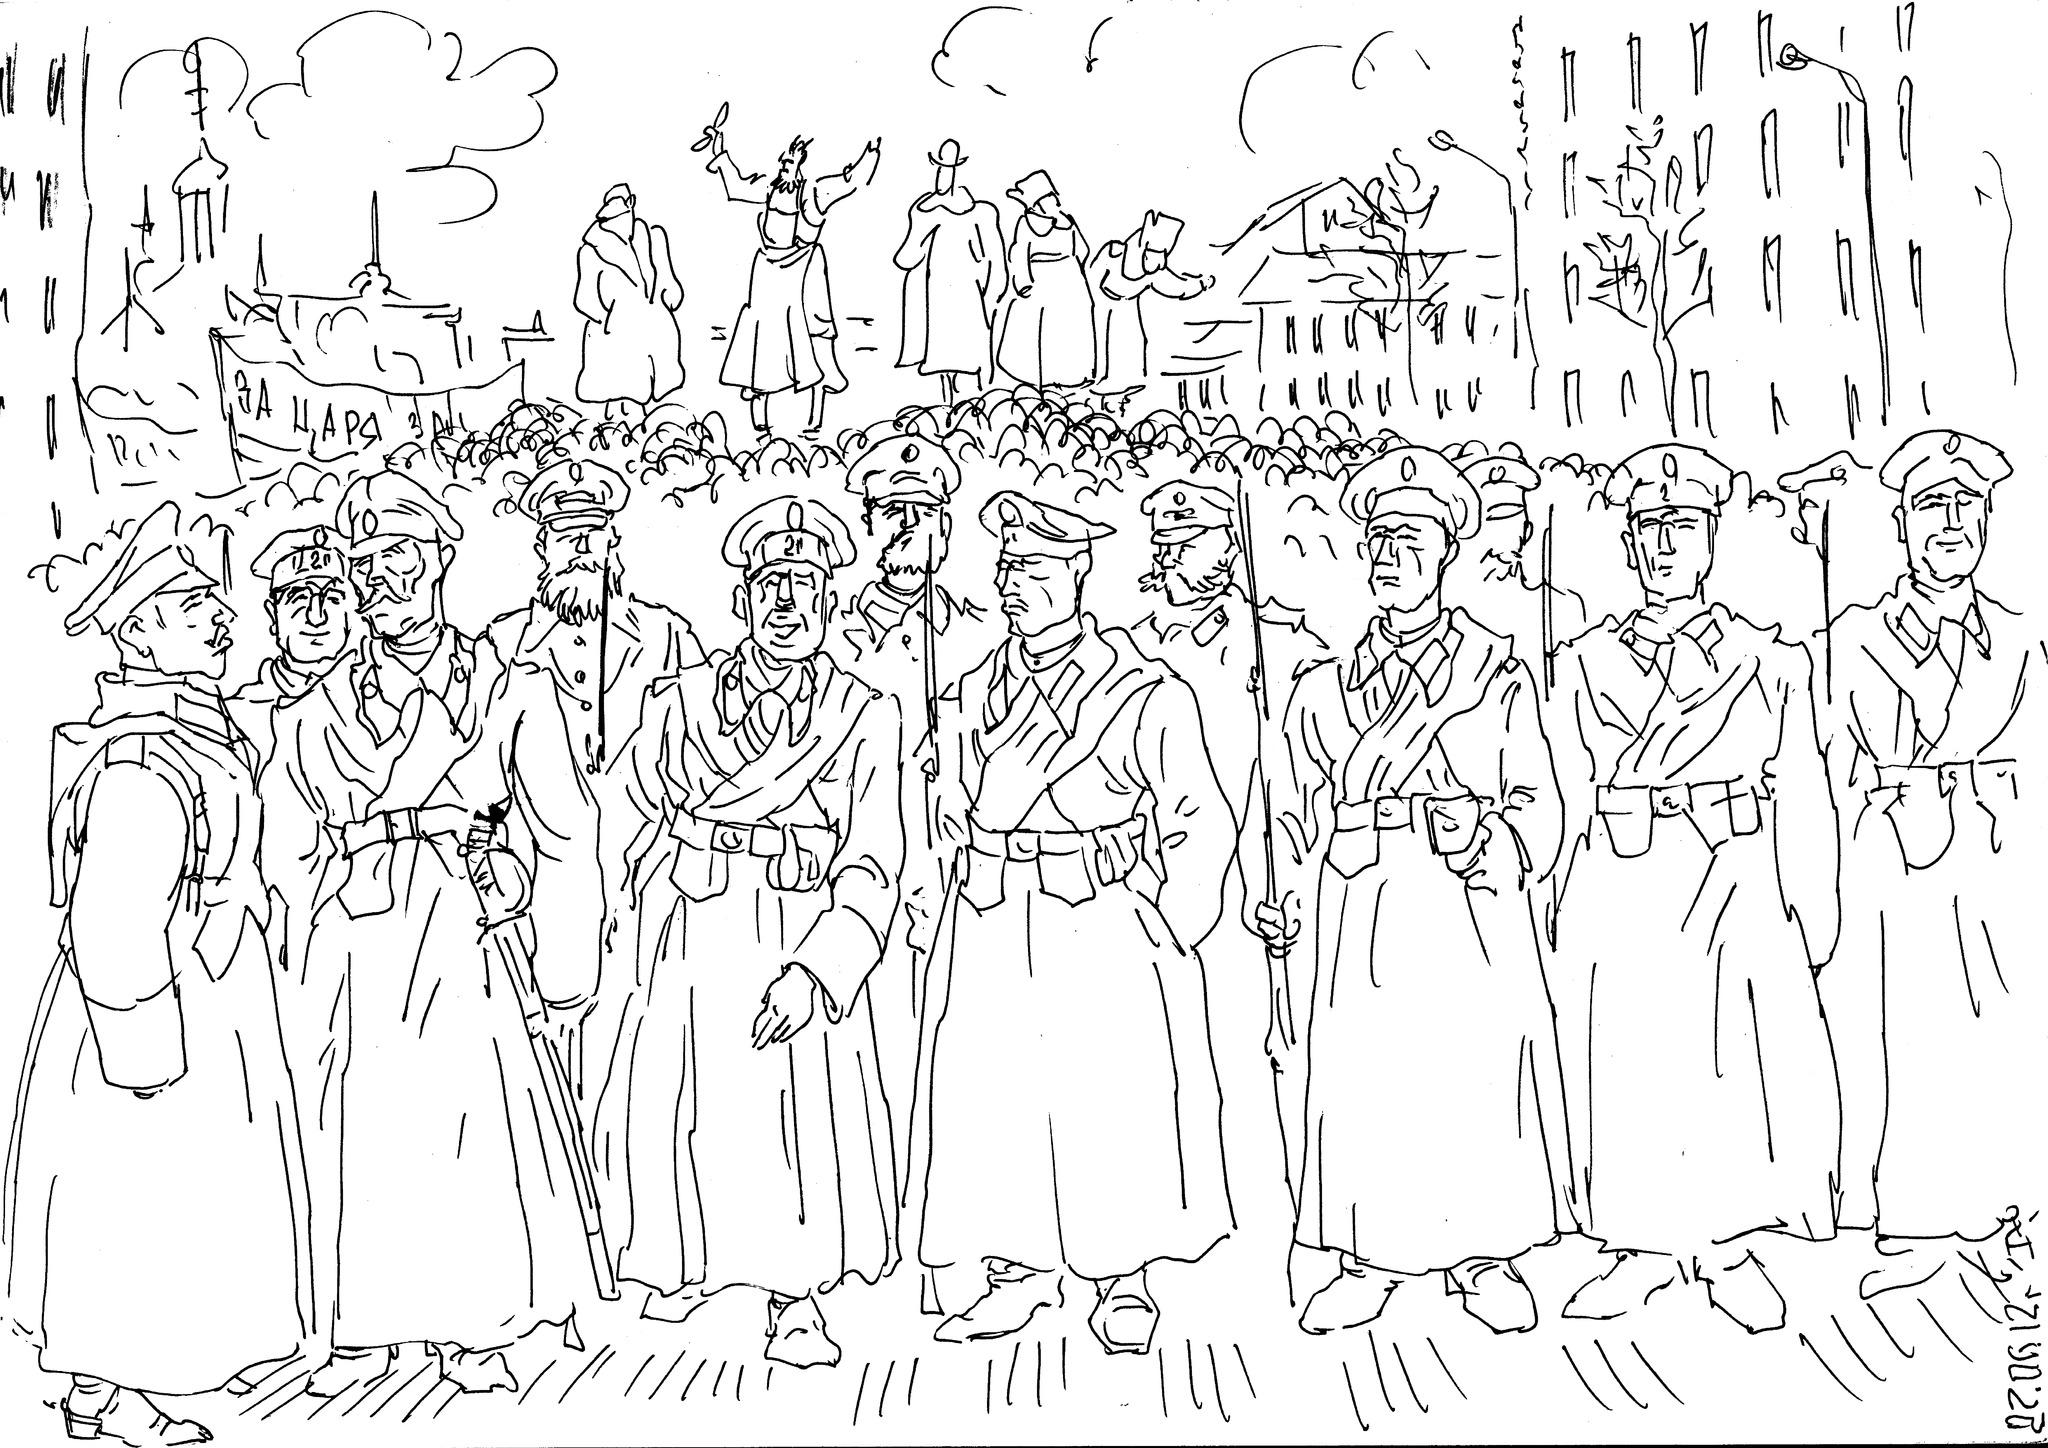 Перед 1917 годом. Провокаторы ведут работу с массами под прикрытием армии и полиции